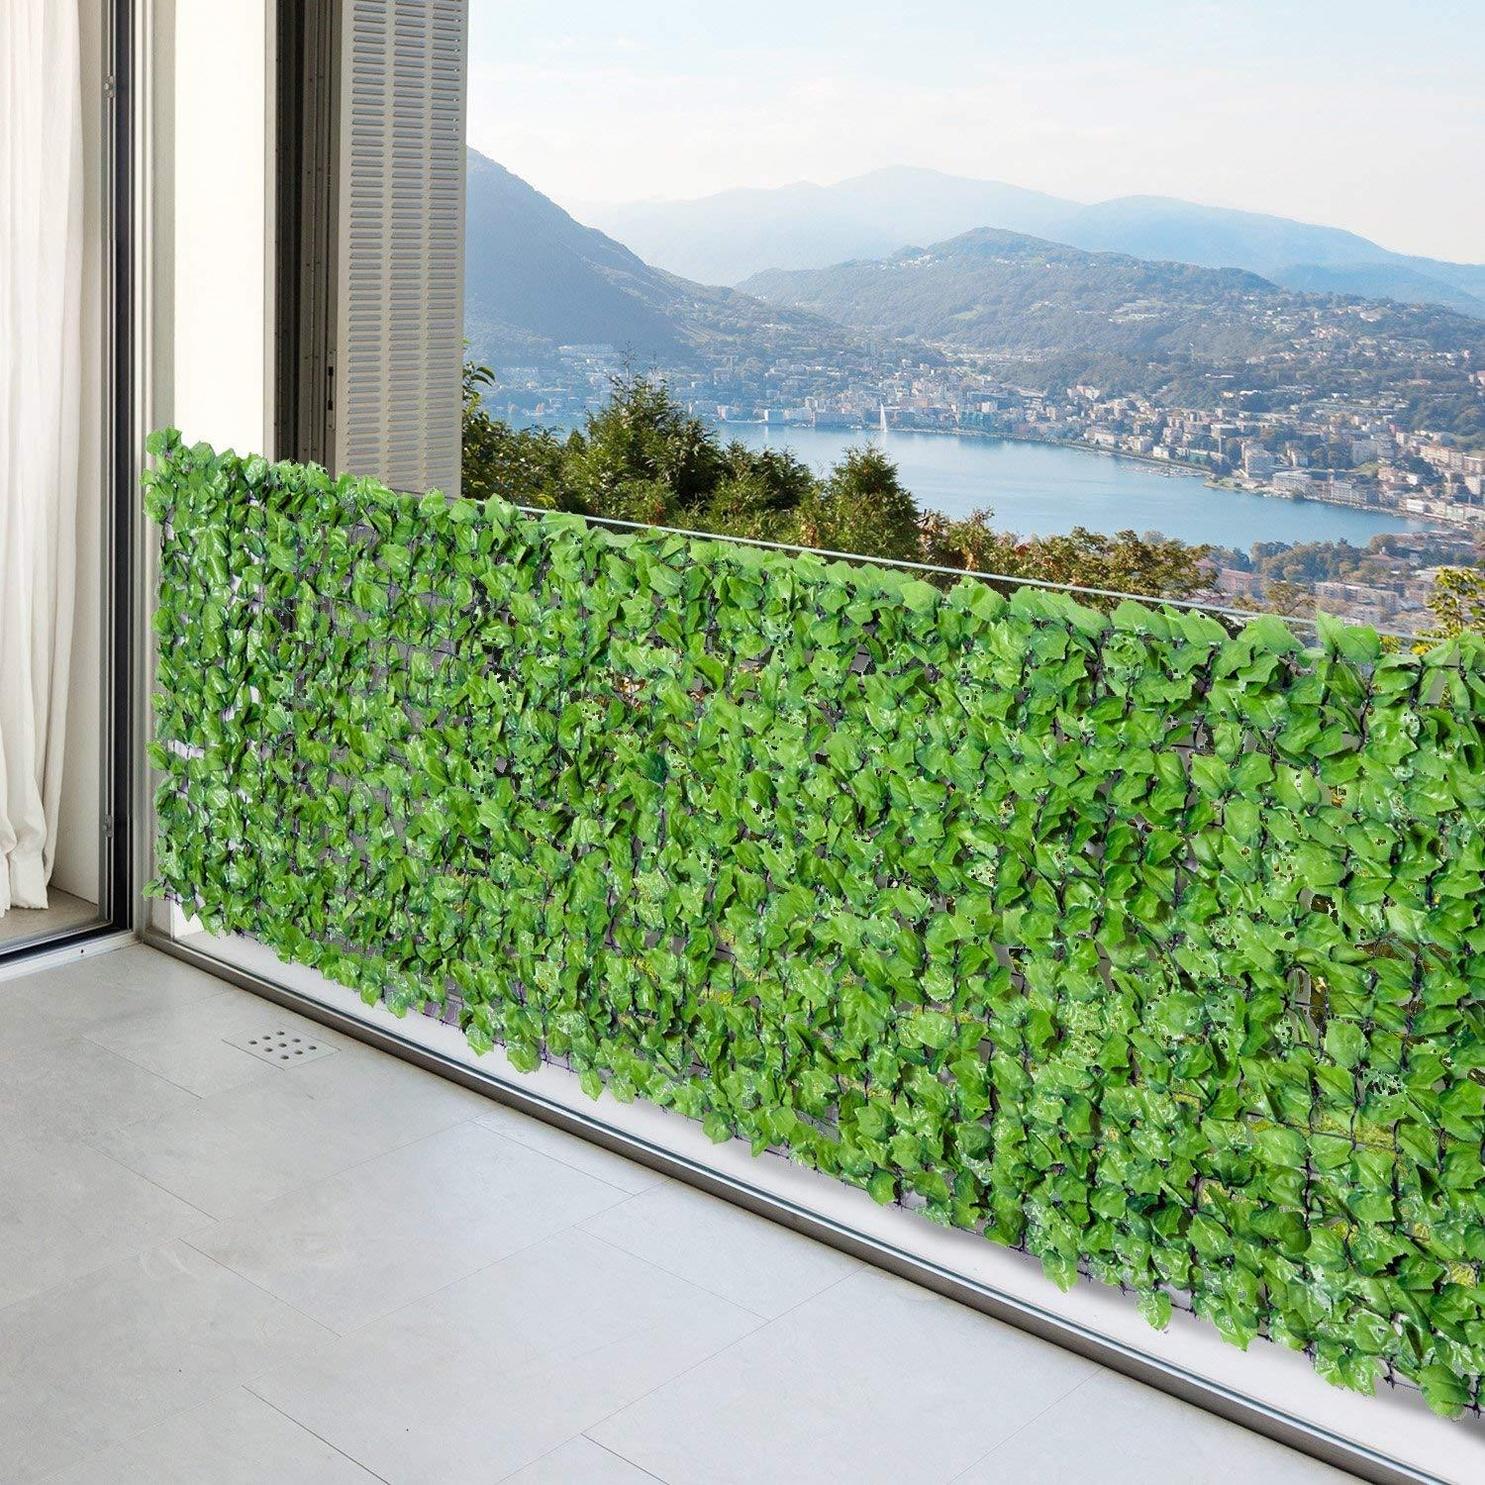 Kunstliche Hecke Sichtschutz Balkonsichtschutz Gunstig Online